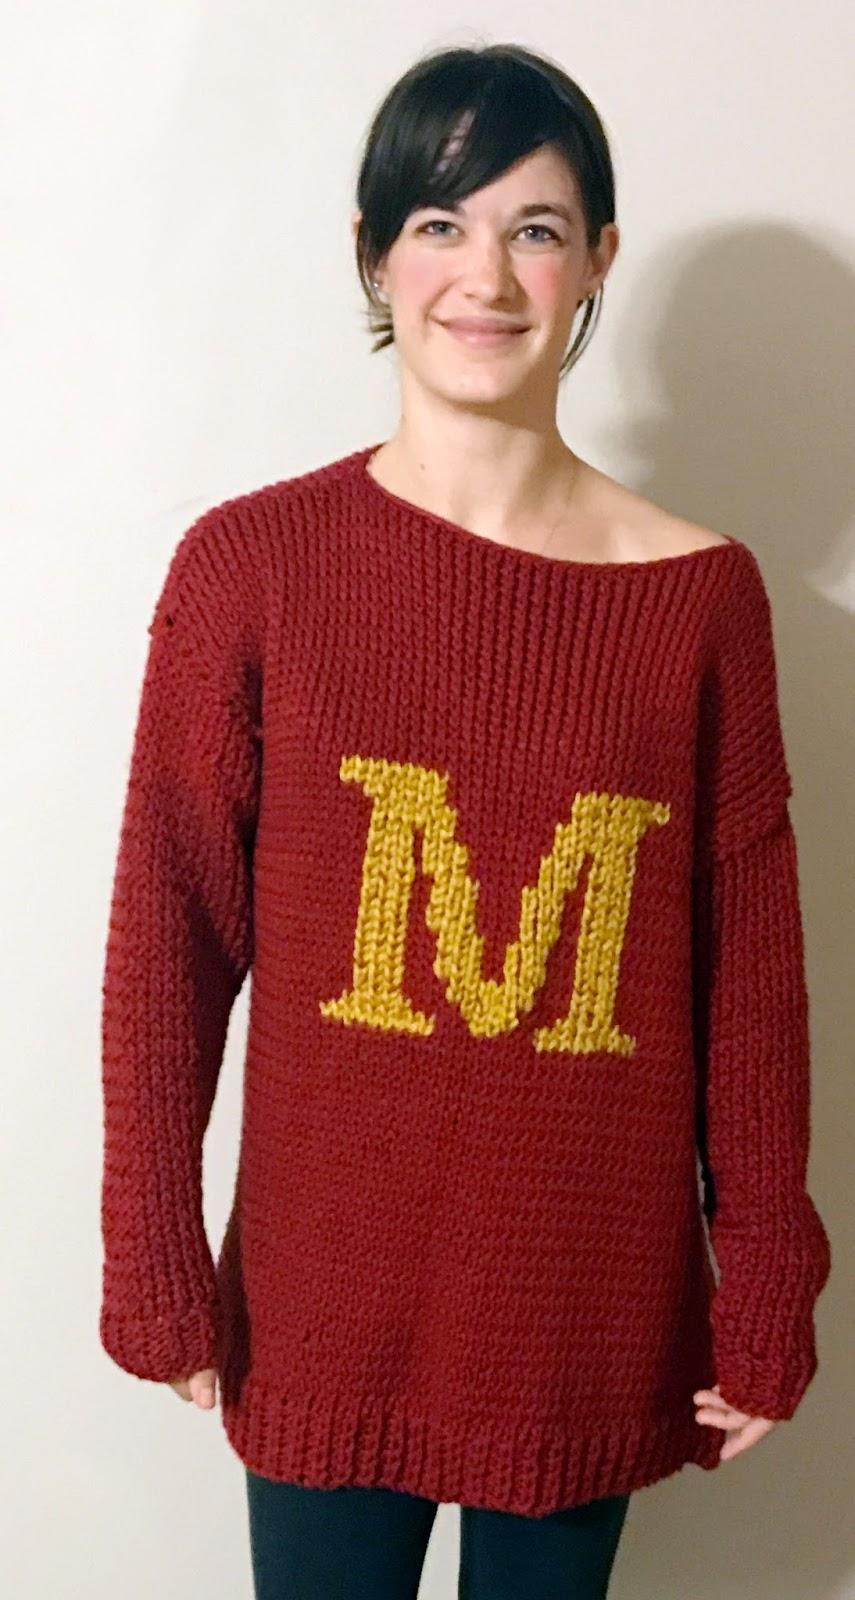 Traxel Time: Oversized Knit Weasley Sweater (free pattern)